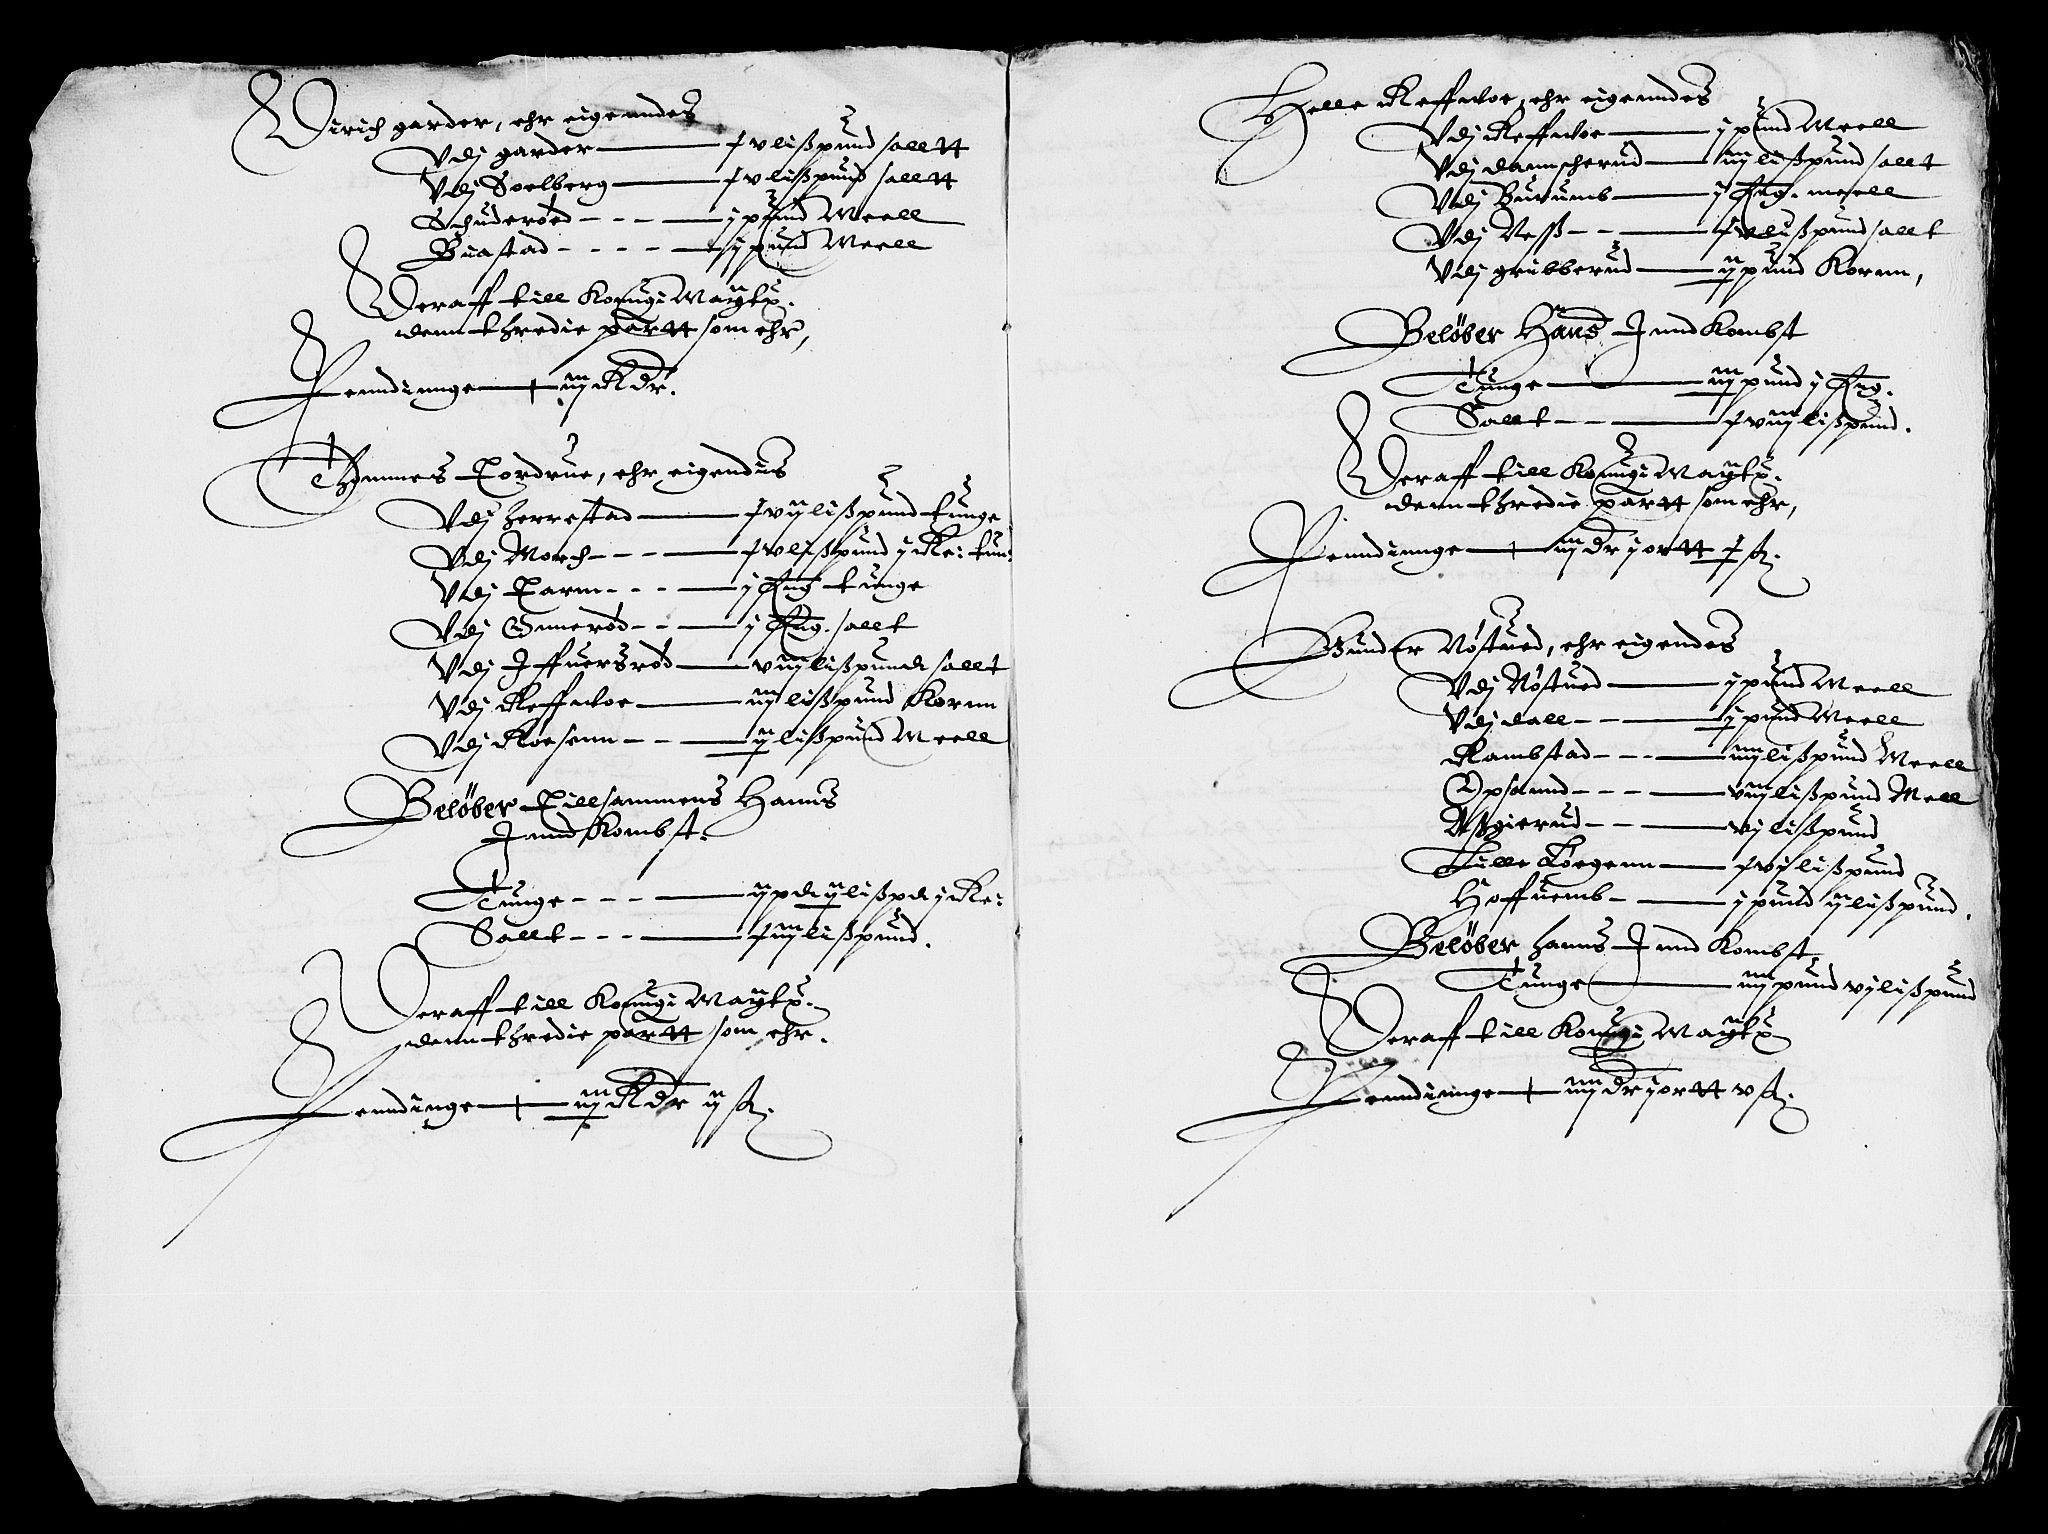 RA, Rentekammeret inntil 1814, Reviderte regnskaper, Lensregnskaper, R/Rb/Rba/L0079: Akershus len, 1626